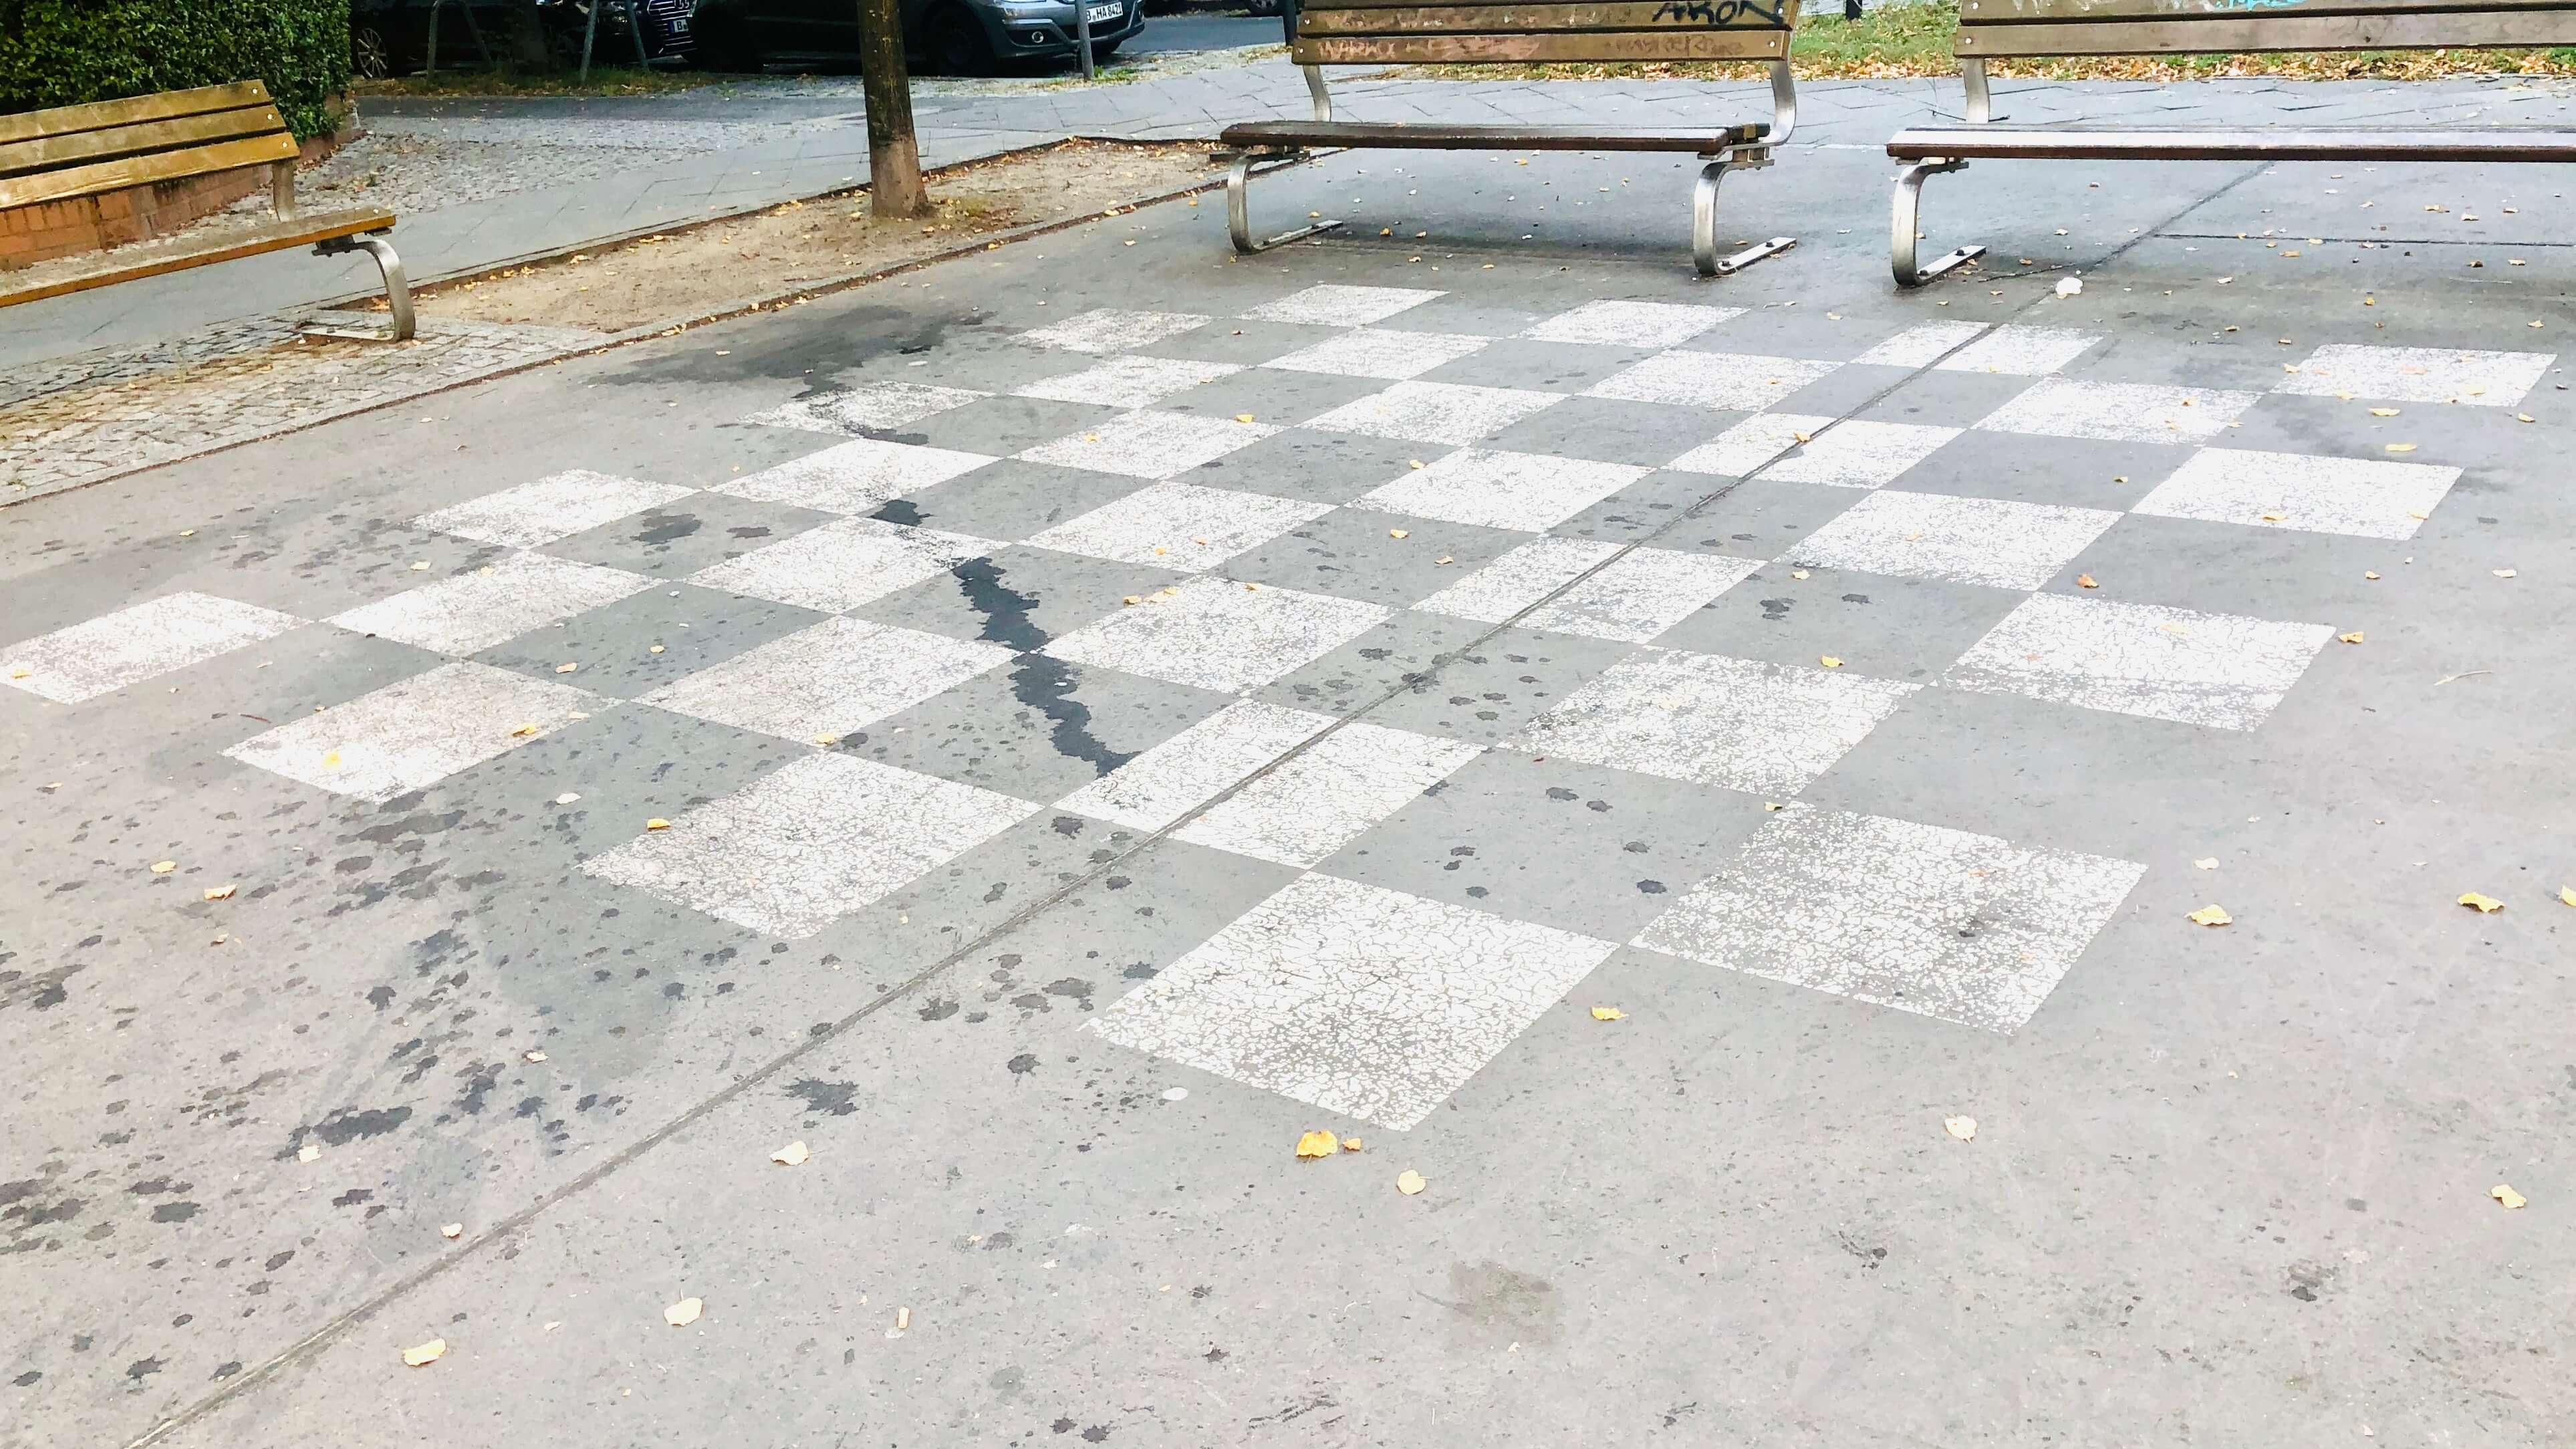 Spielplatz bzw. Spielstraße in der Mahlerstraße